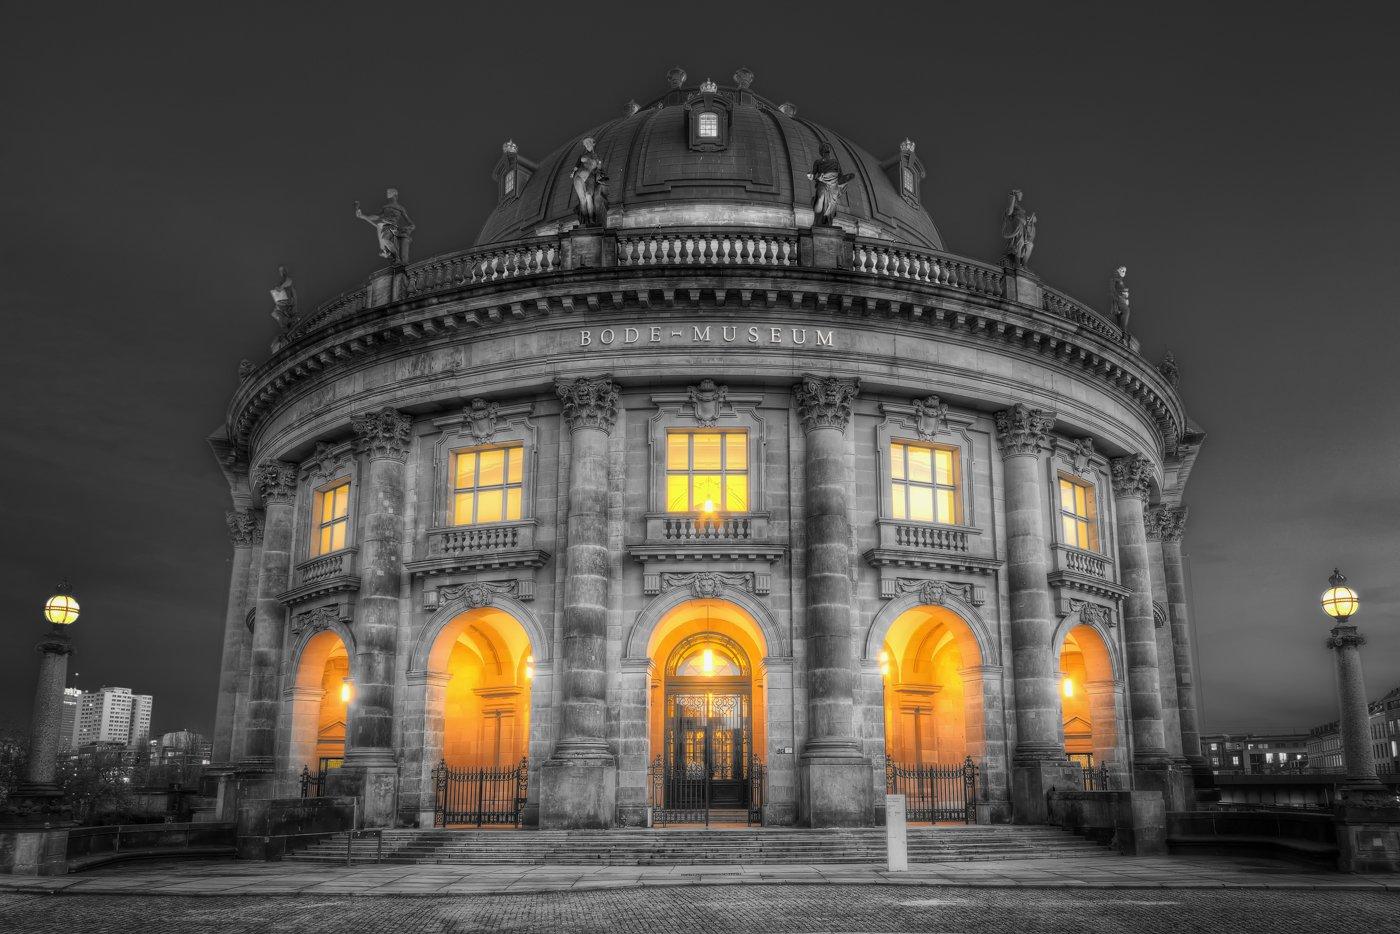 Bode-Museum in Berlin in Schwarz-Weiß mit Farbe